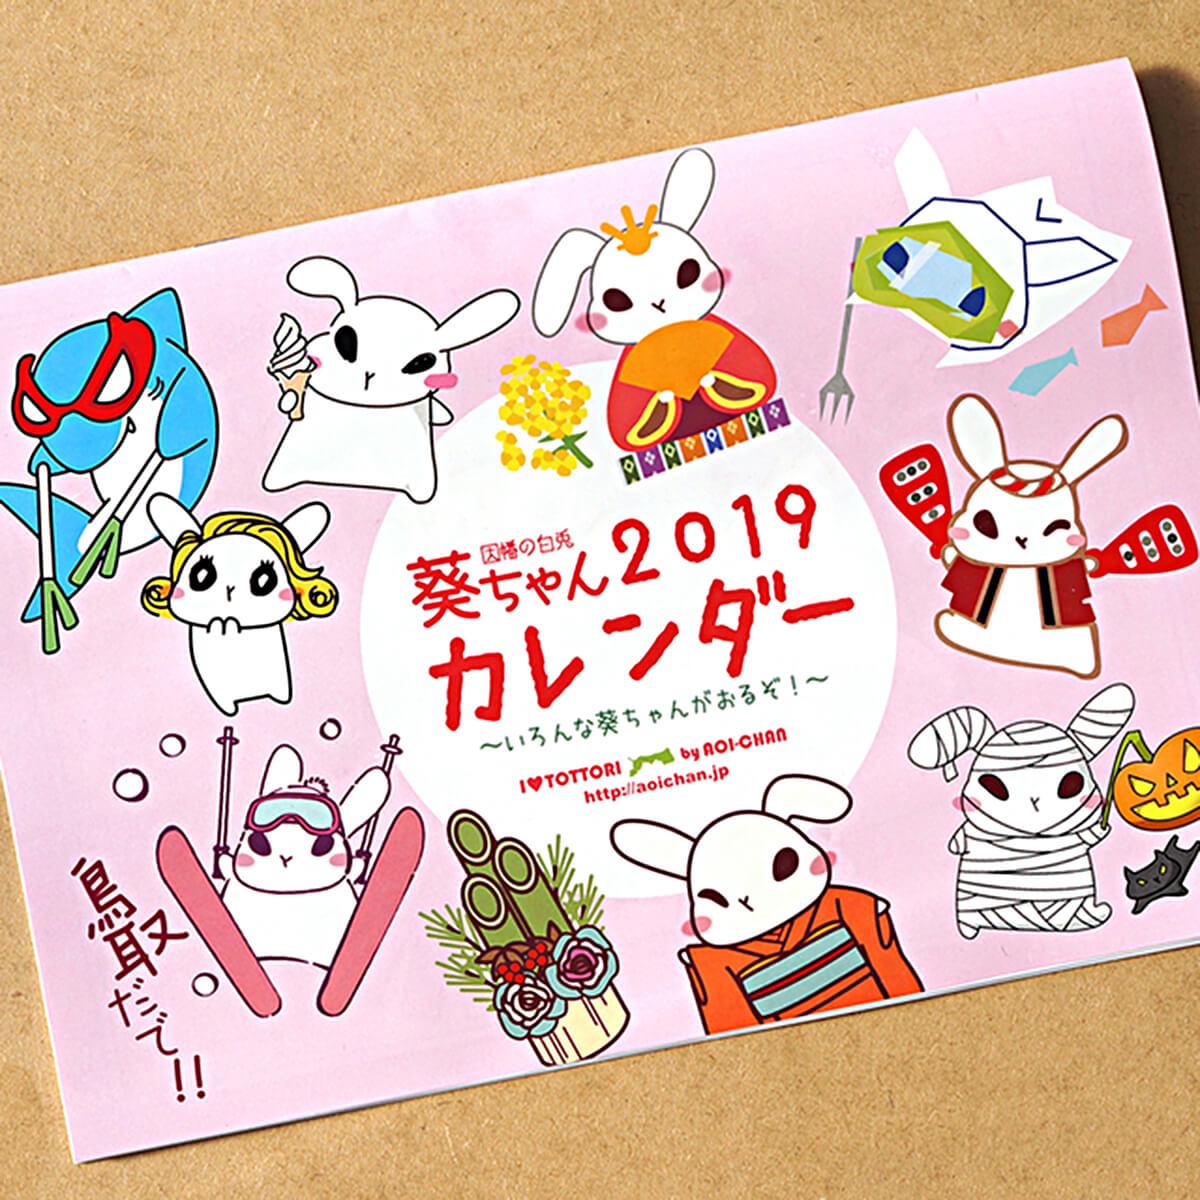 2019年葵ちゃん壁掛けカレンダー表紙